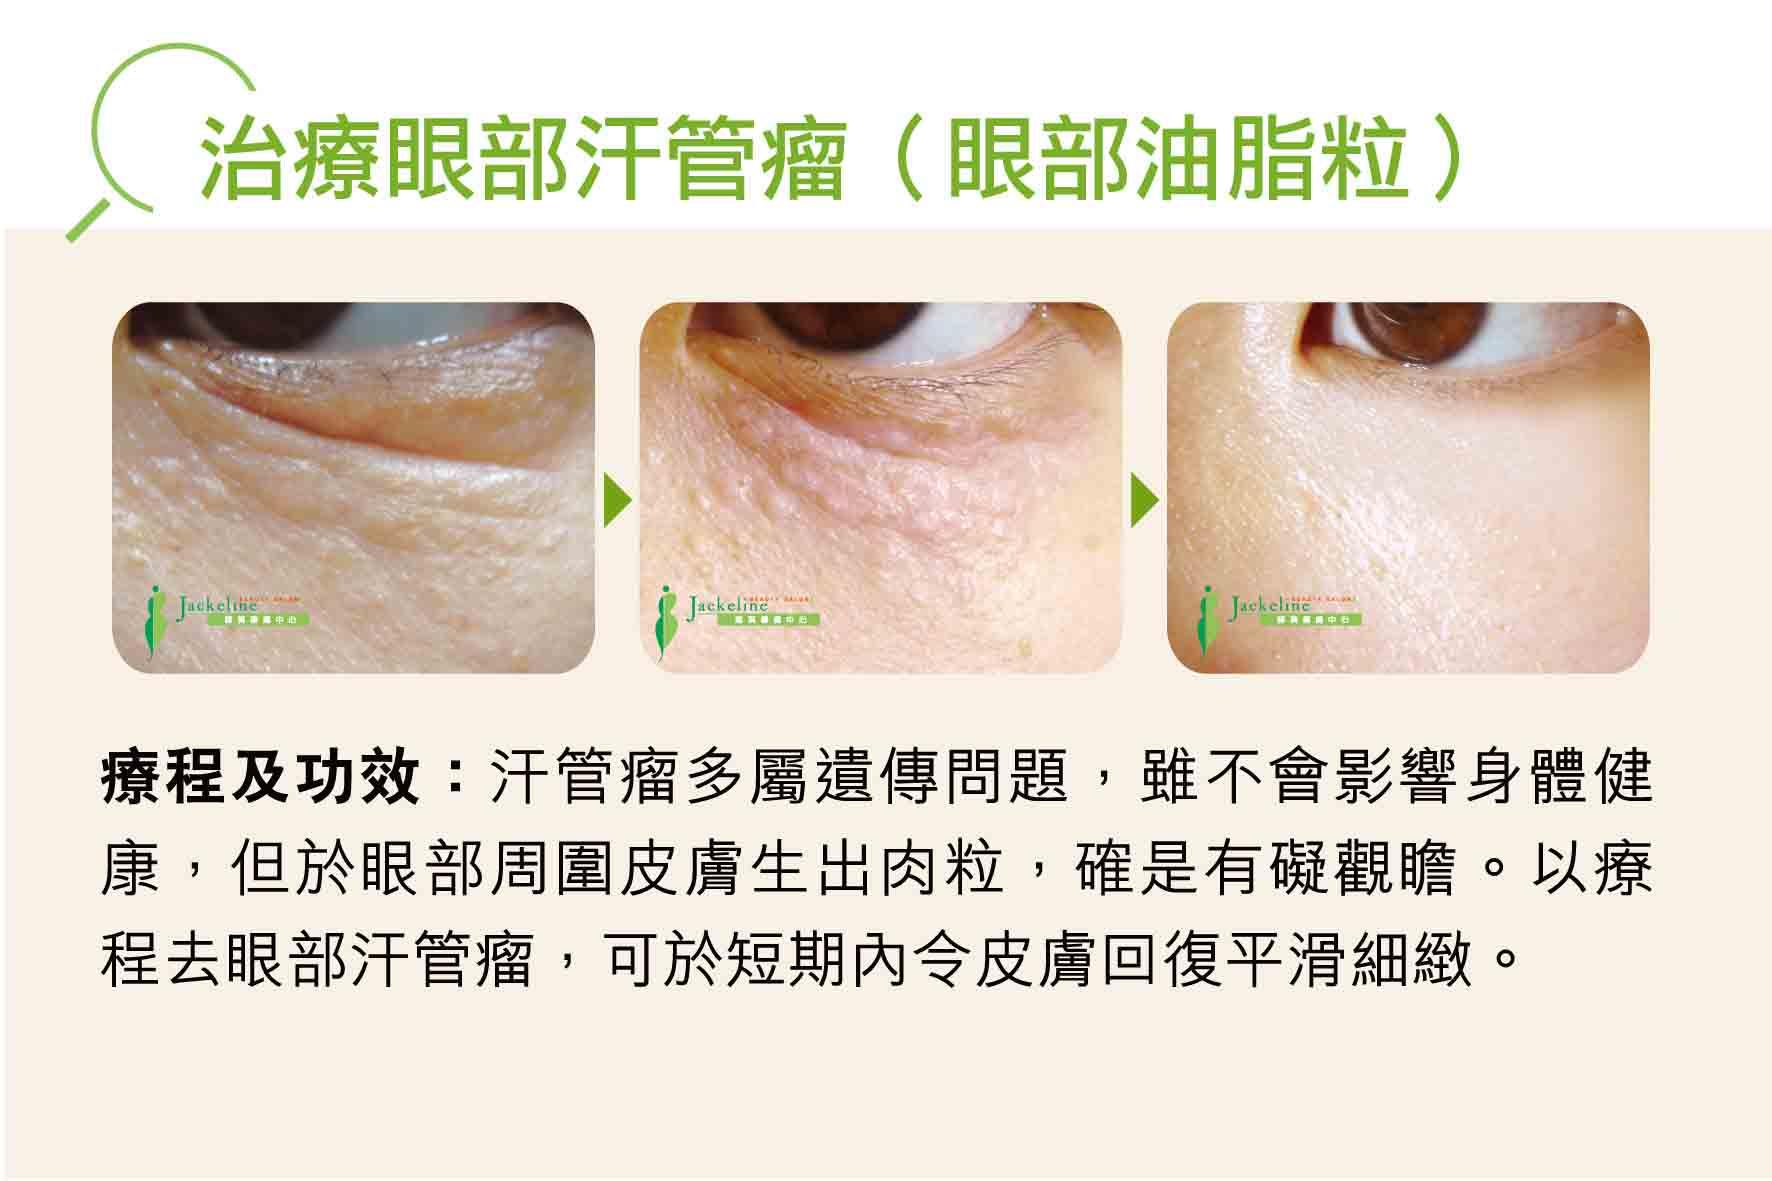 治療眼部汗管瘤(眼部油脂粒)